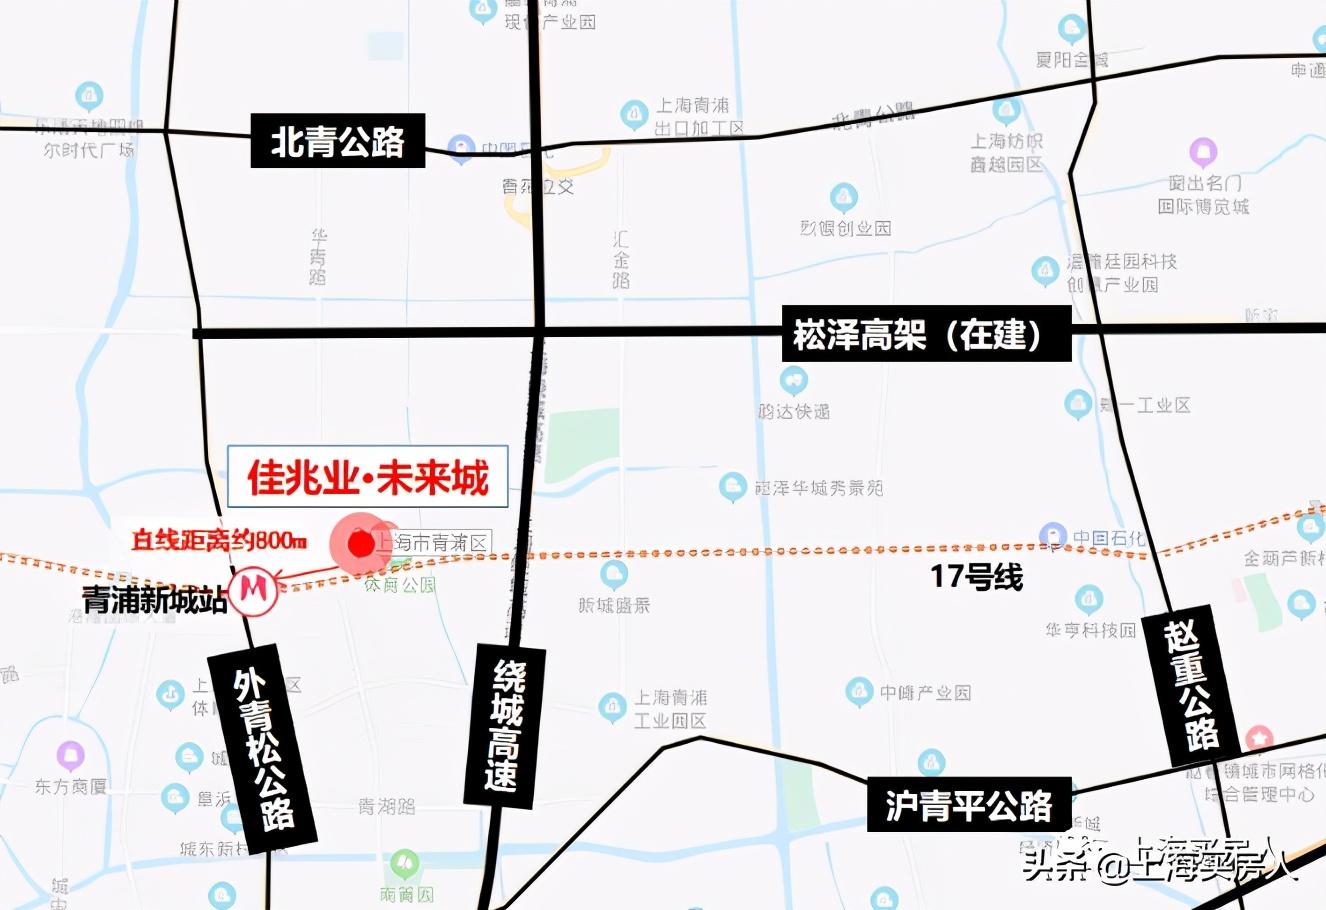 买上海新房300-500万预算,春节后有哪些新房值得去摇一摇